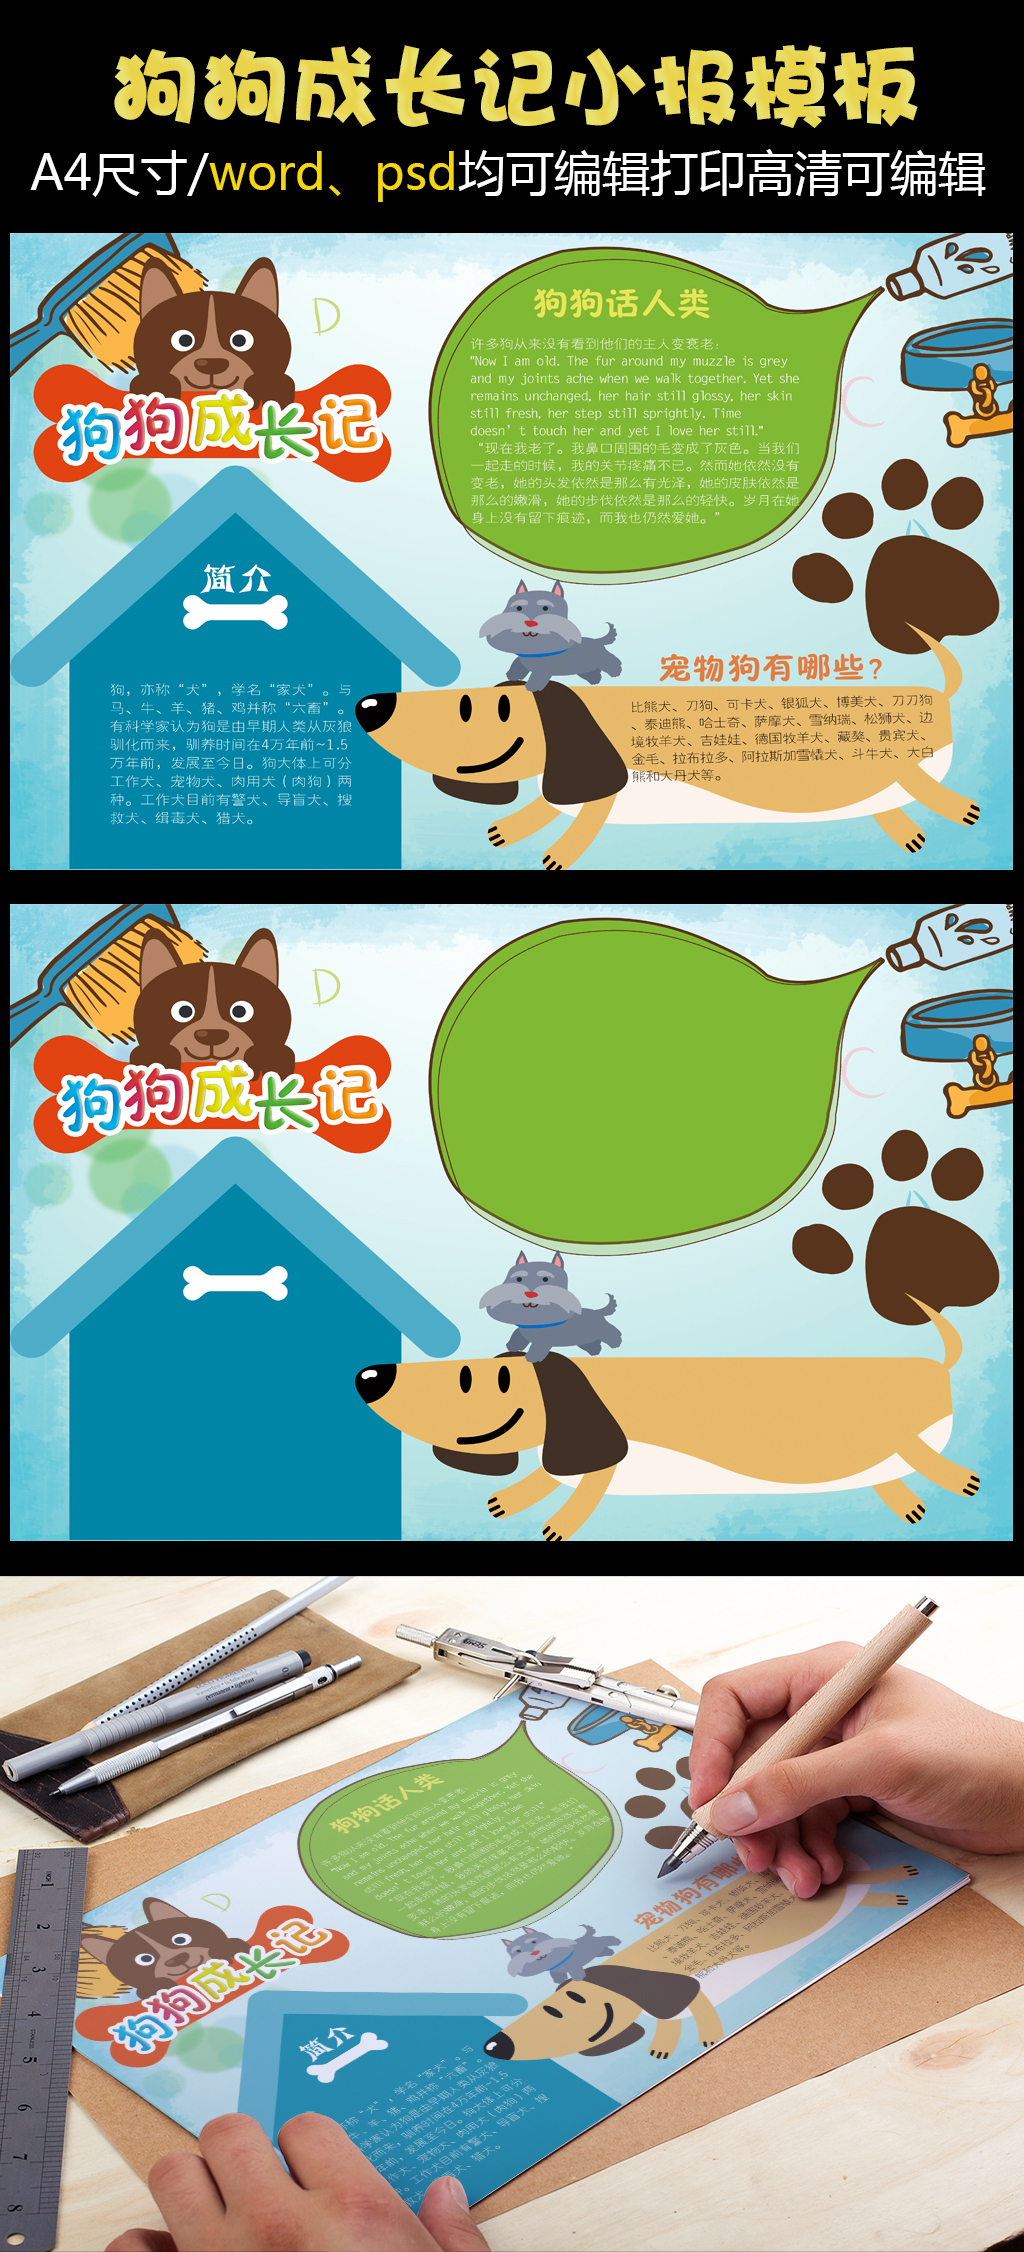 狗狗成长记手抄报小报模板